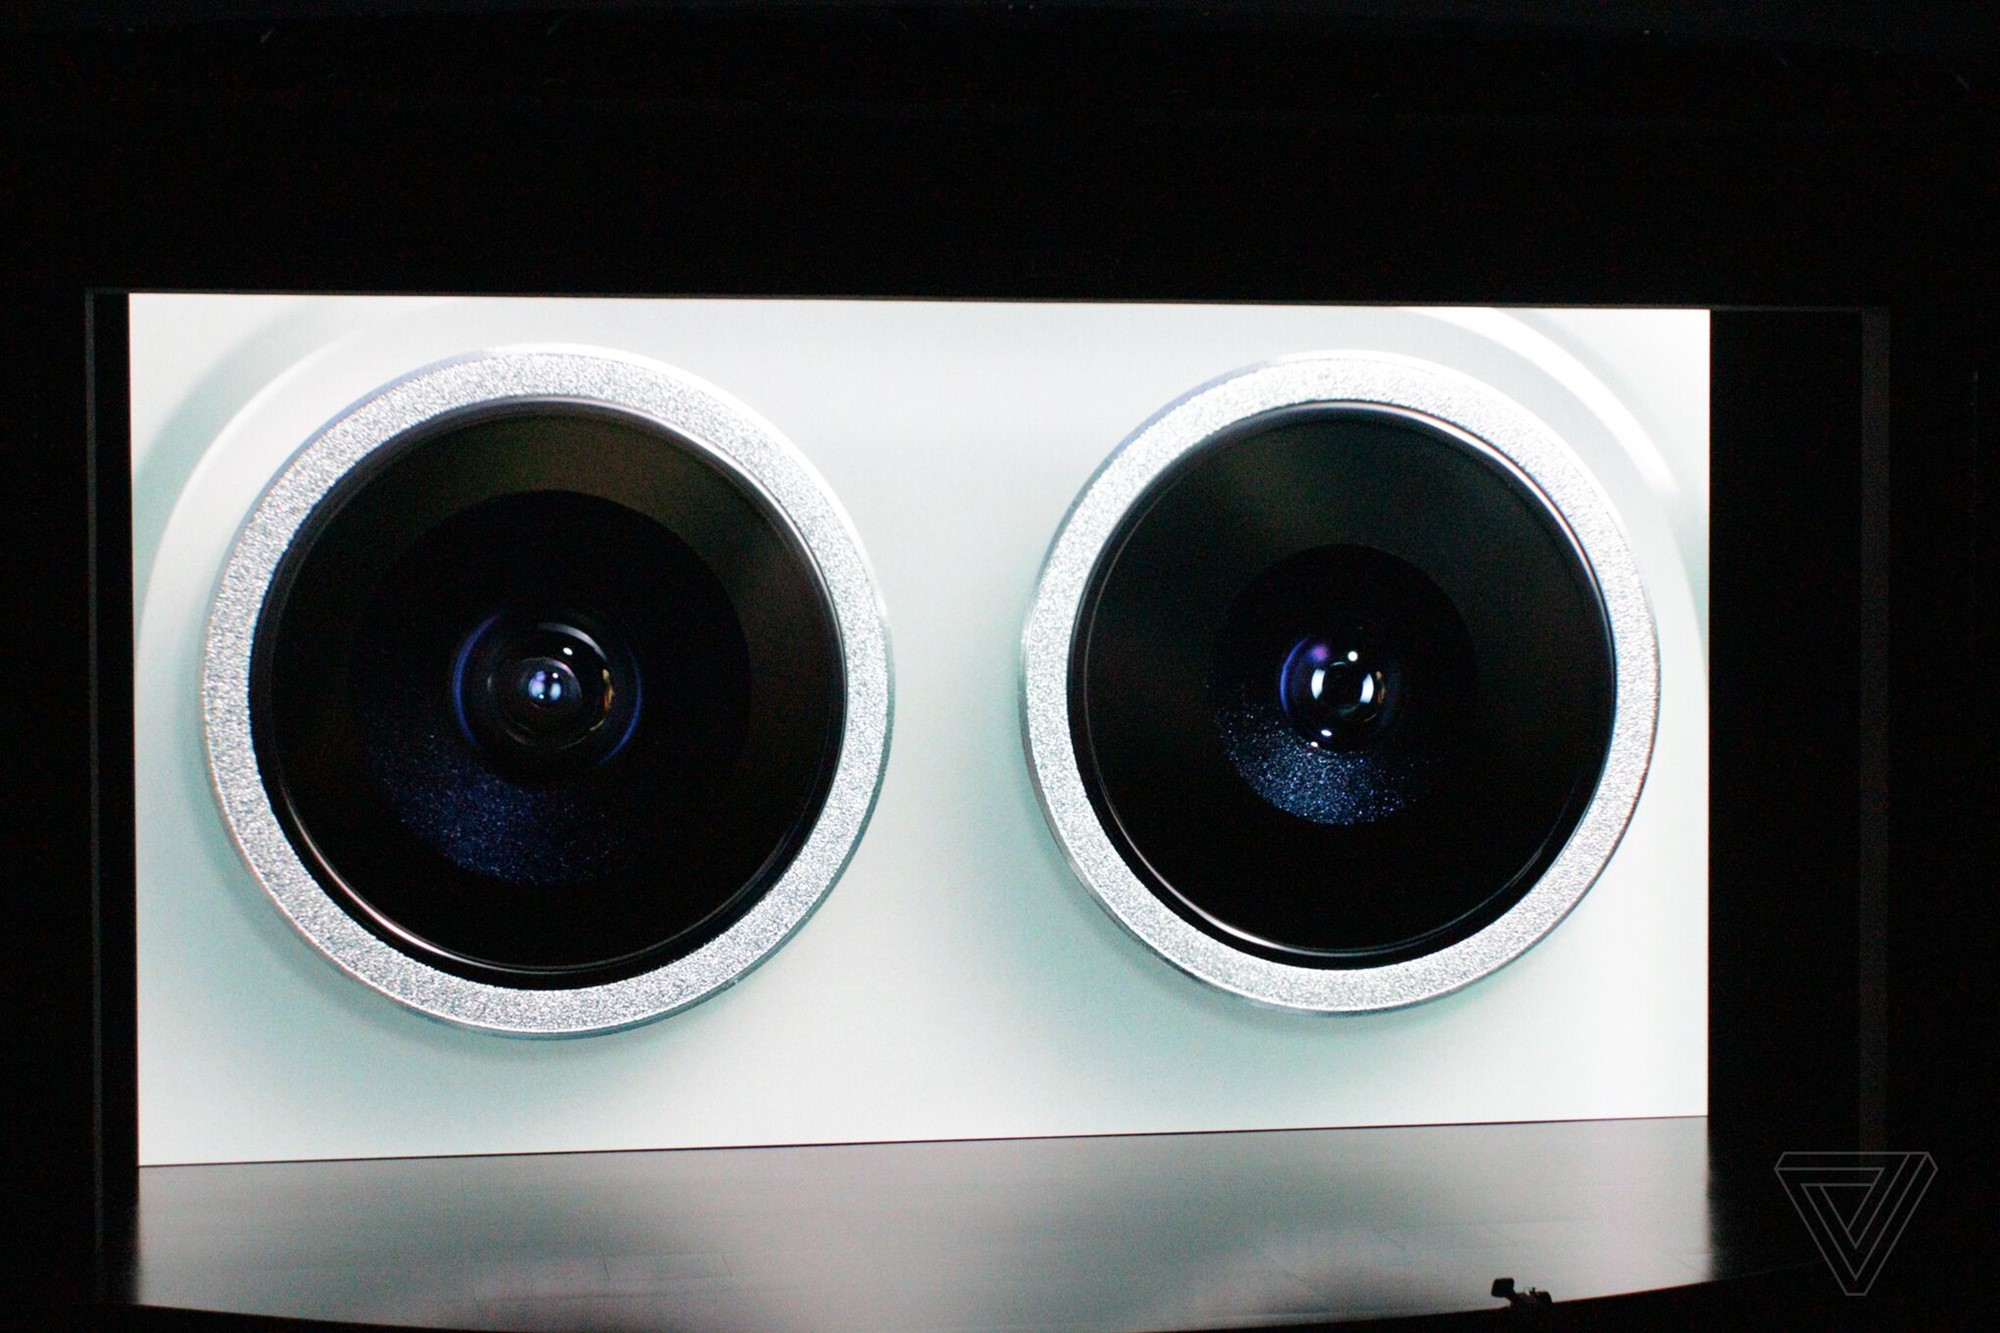 lcimg-b490664e-a28e-40d4-b960-a5f06cd82e75 Sự kiện công bố Apple iPhone 11 mới: Camera góc siêu rộng 120 độ, pin lớn hơn tới 5h so với iPhone XR, giá chỉ từ 699$